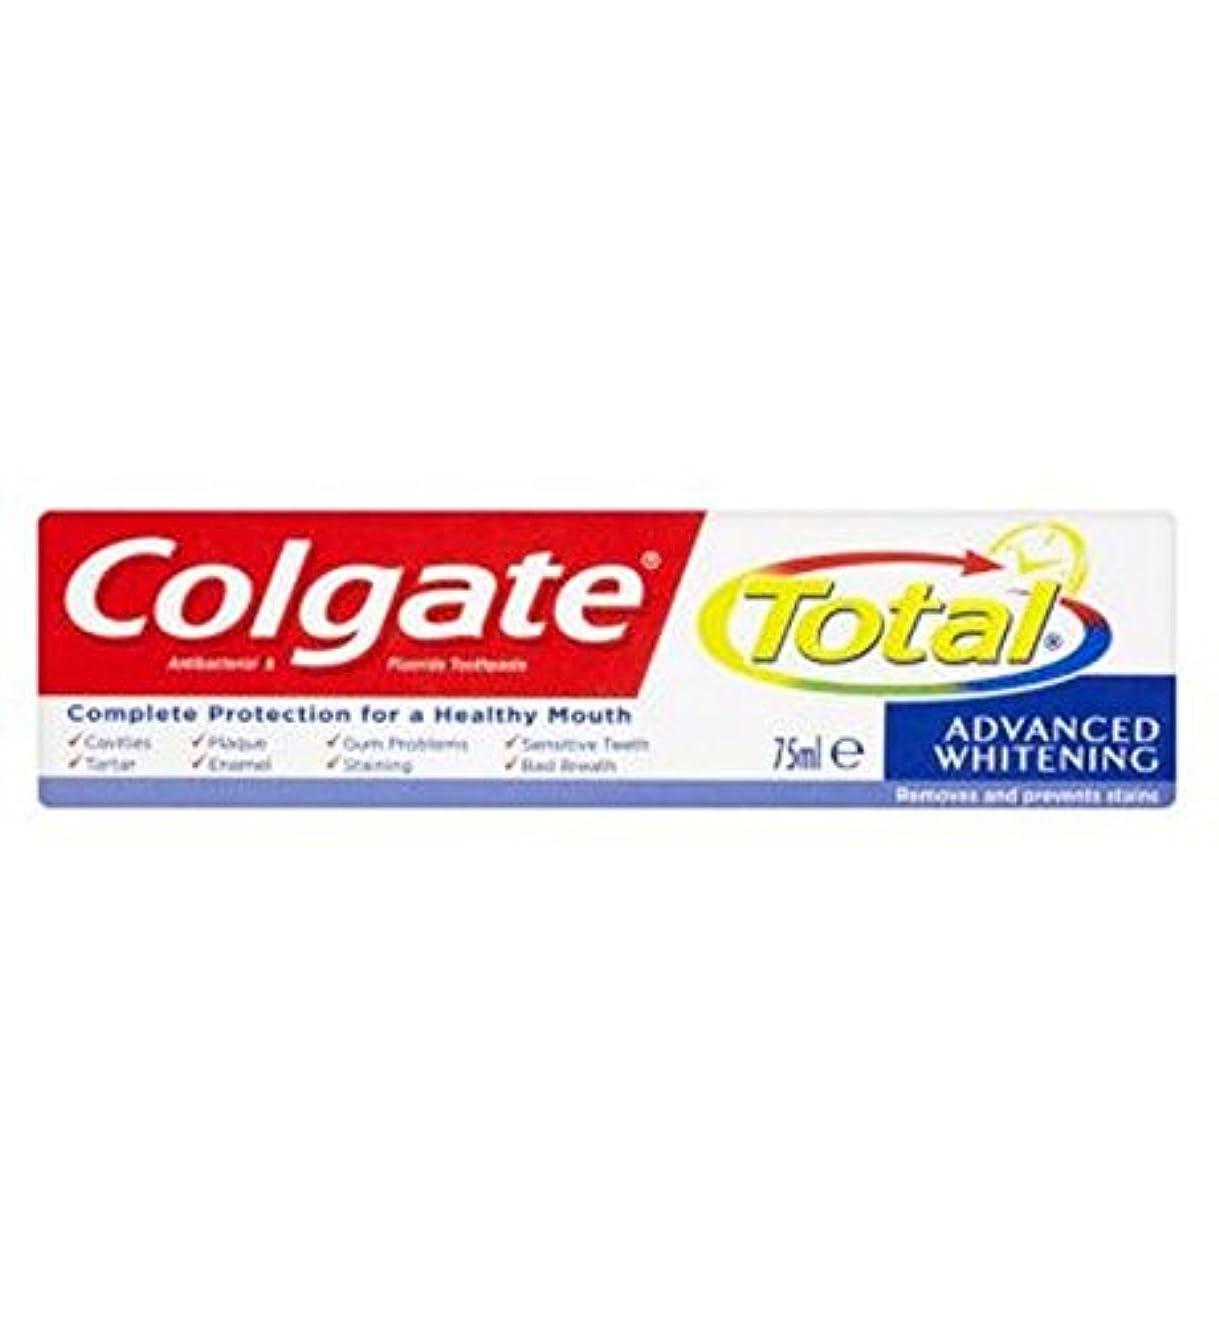 不利知覚楽なColgate Total Advanced Whitening toothpaste 75ml - コルゲートトータル高度なホワイトニング歯磨き粉75ミリリットル (Colgate) [並行輸入品]